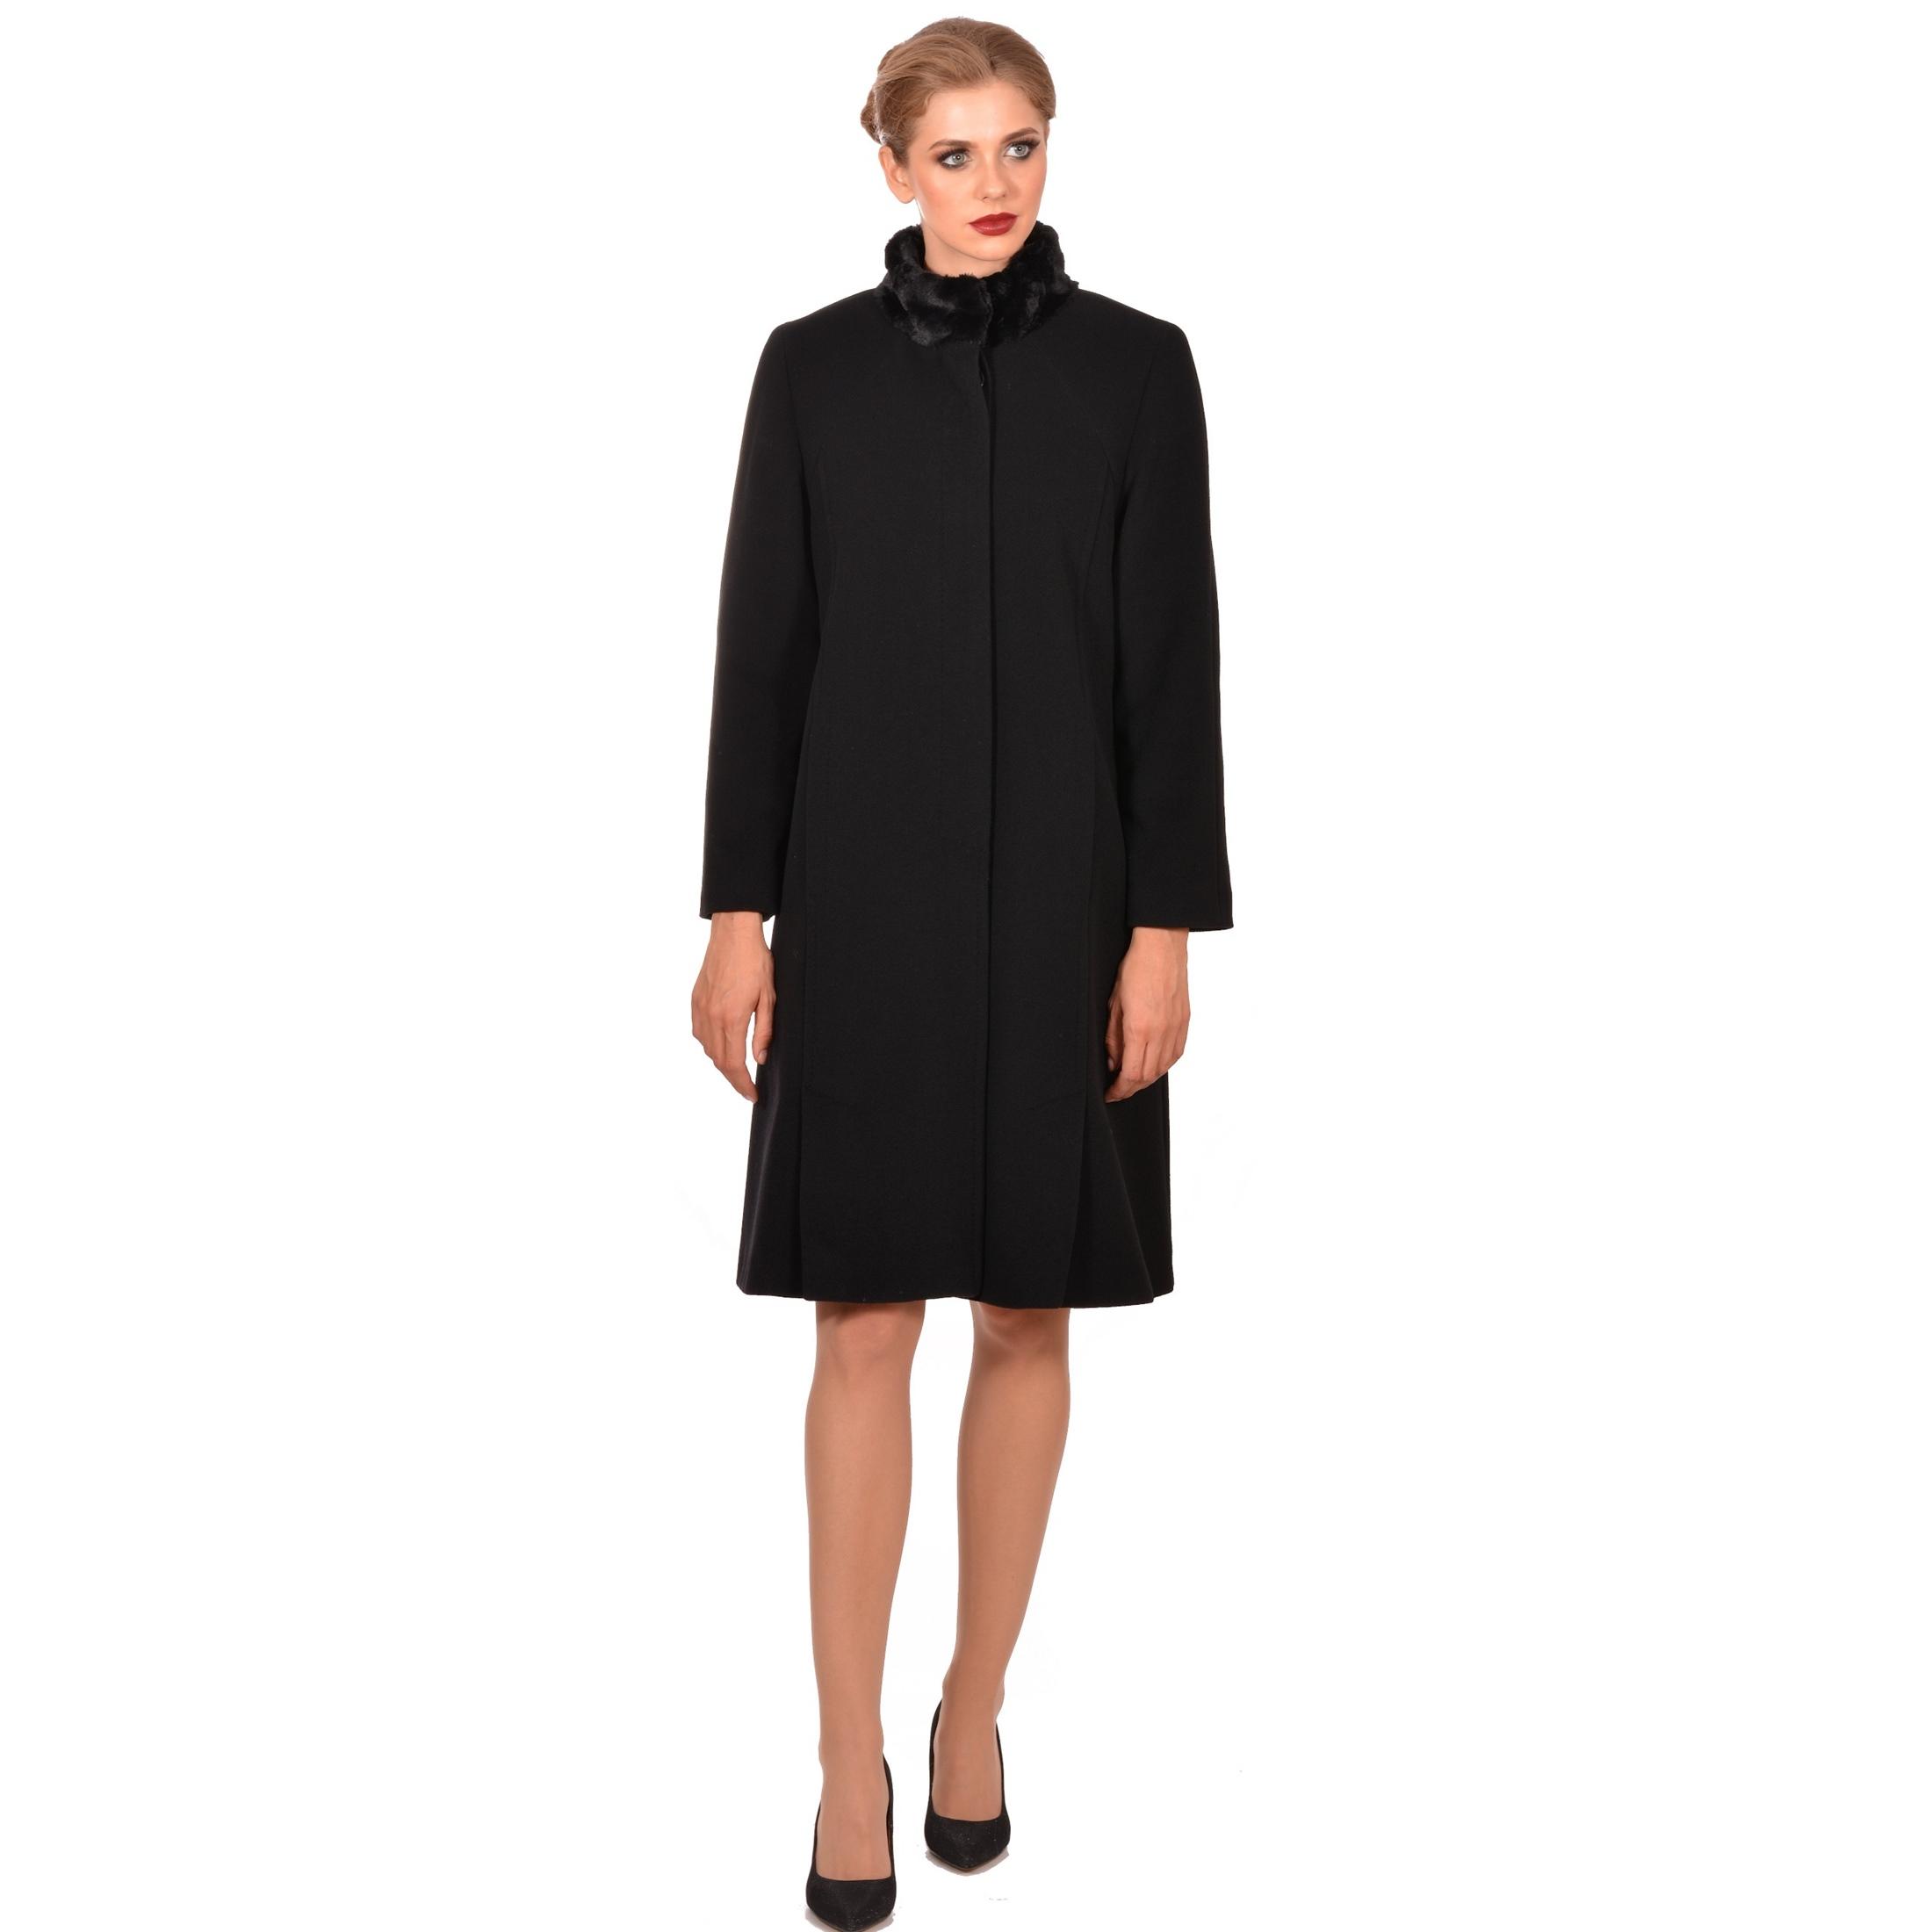 Bild von Women's Coat LADY M - LM40929